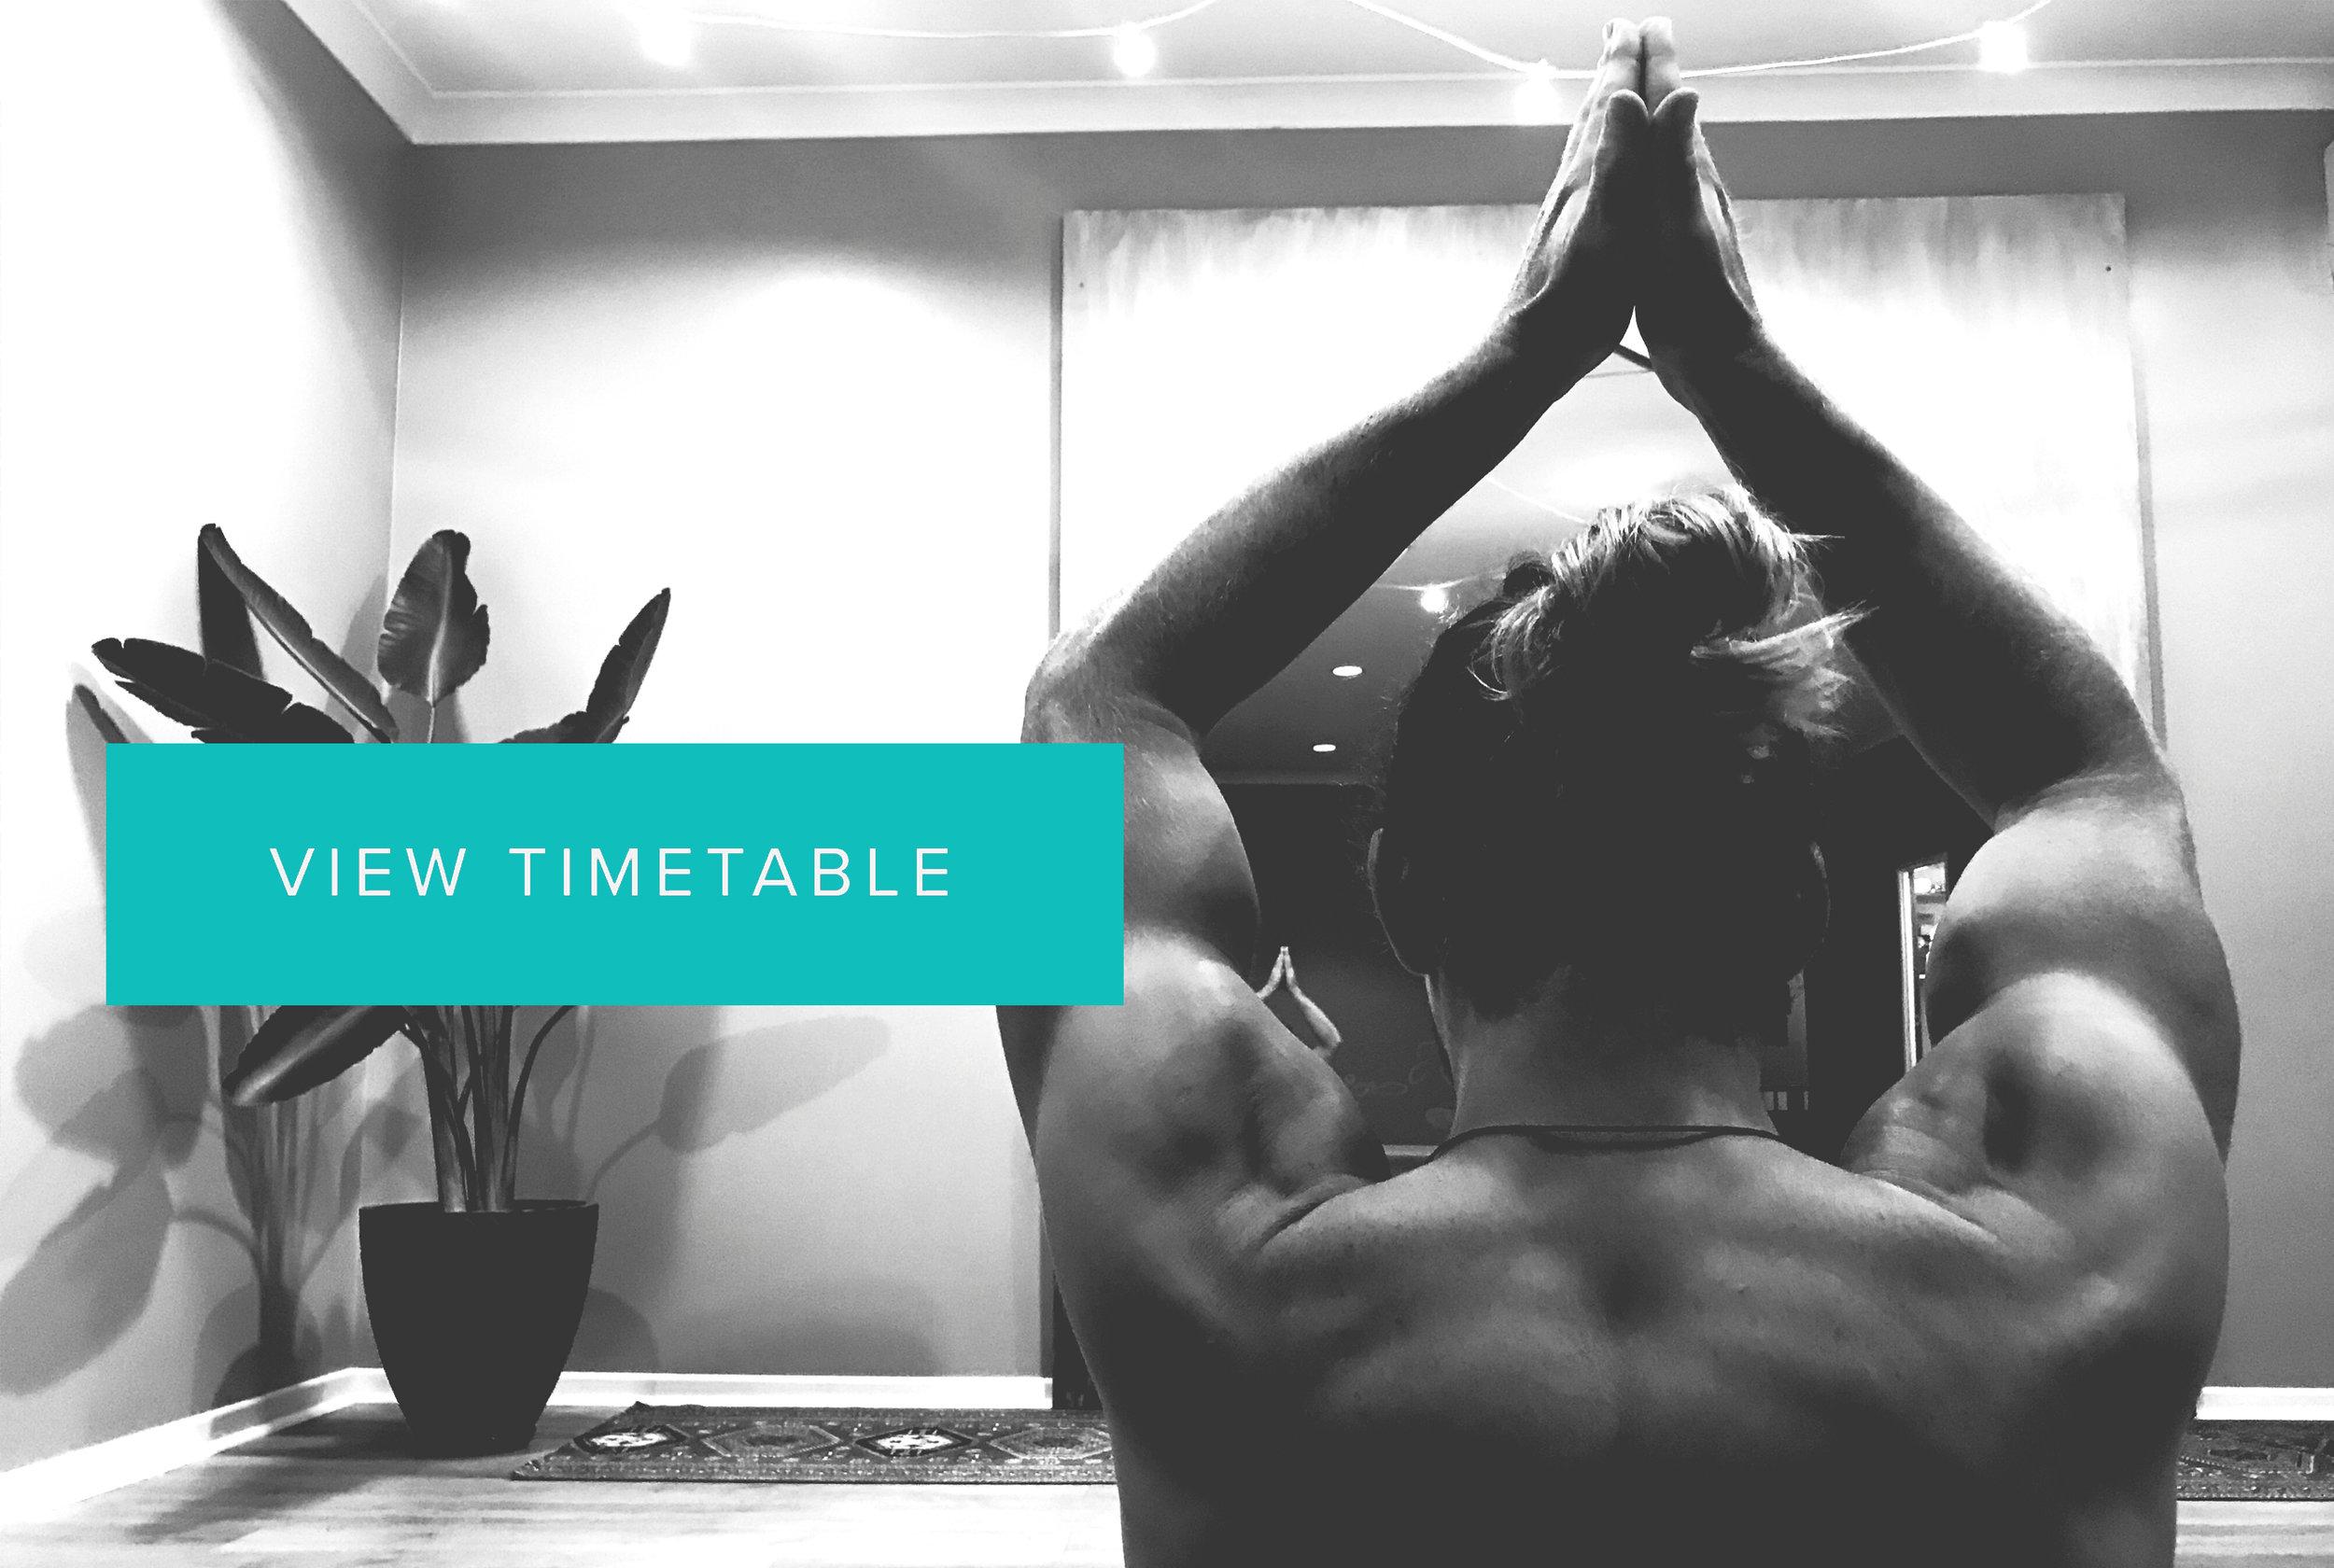 view timetable tim yoga mens .jpg